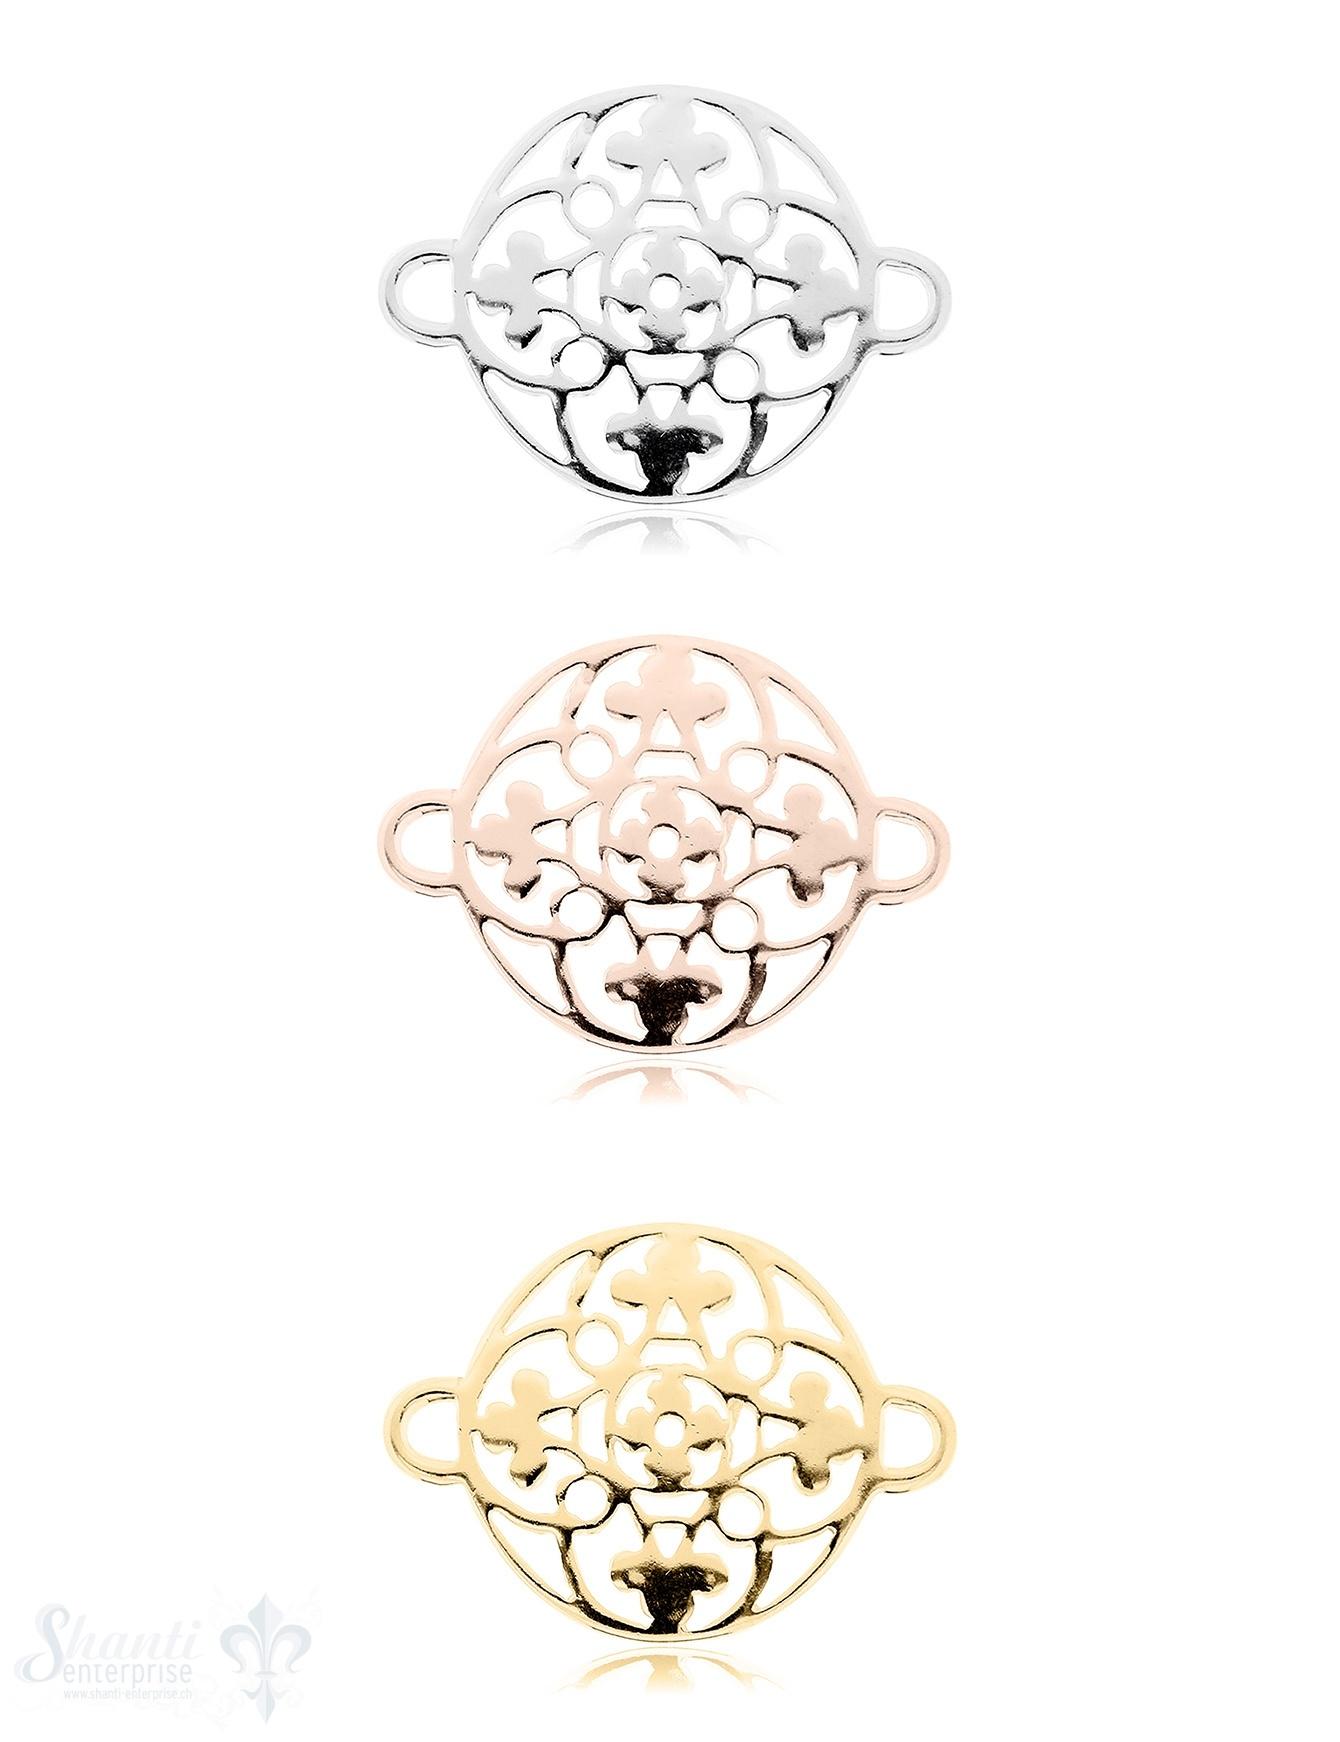 Silberteil mit Doppelösen: Amulett 27x20mm durchbrochen